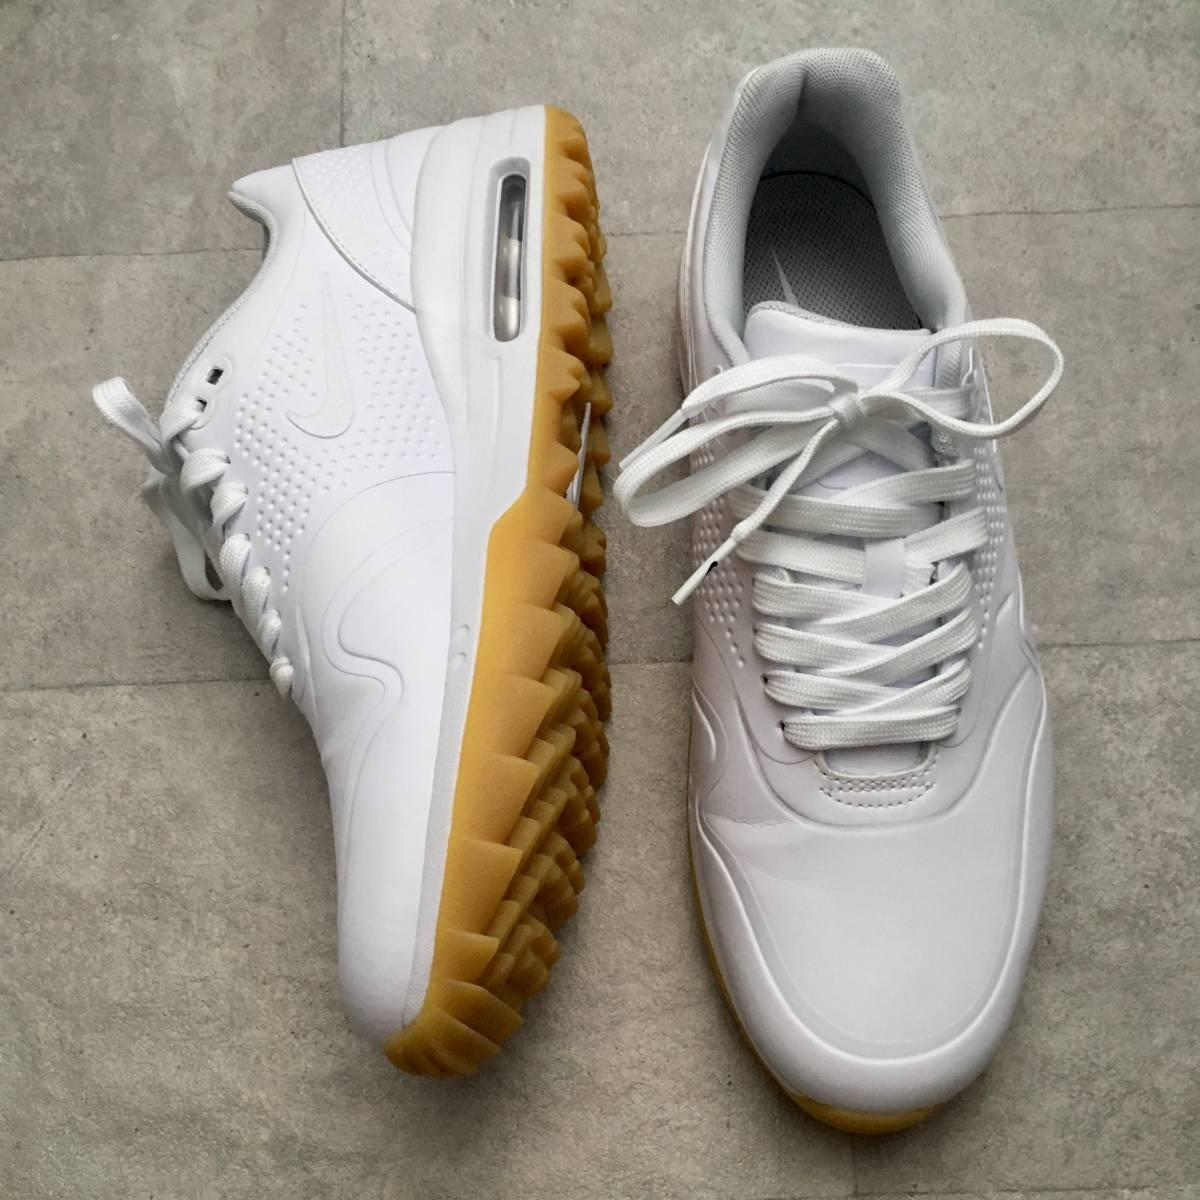 nike air max 1g golf shoes 2019 white/white/gum